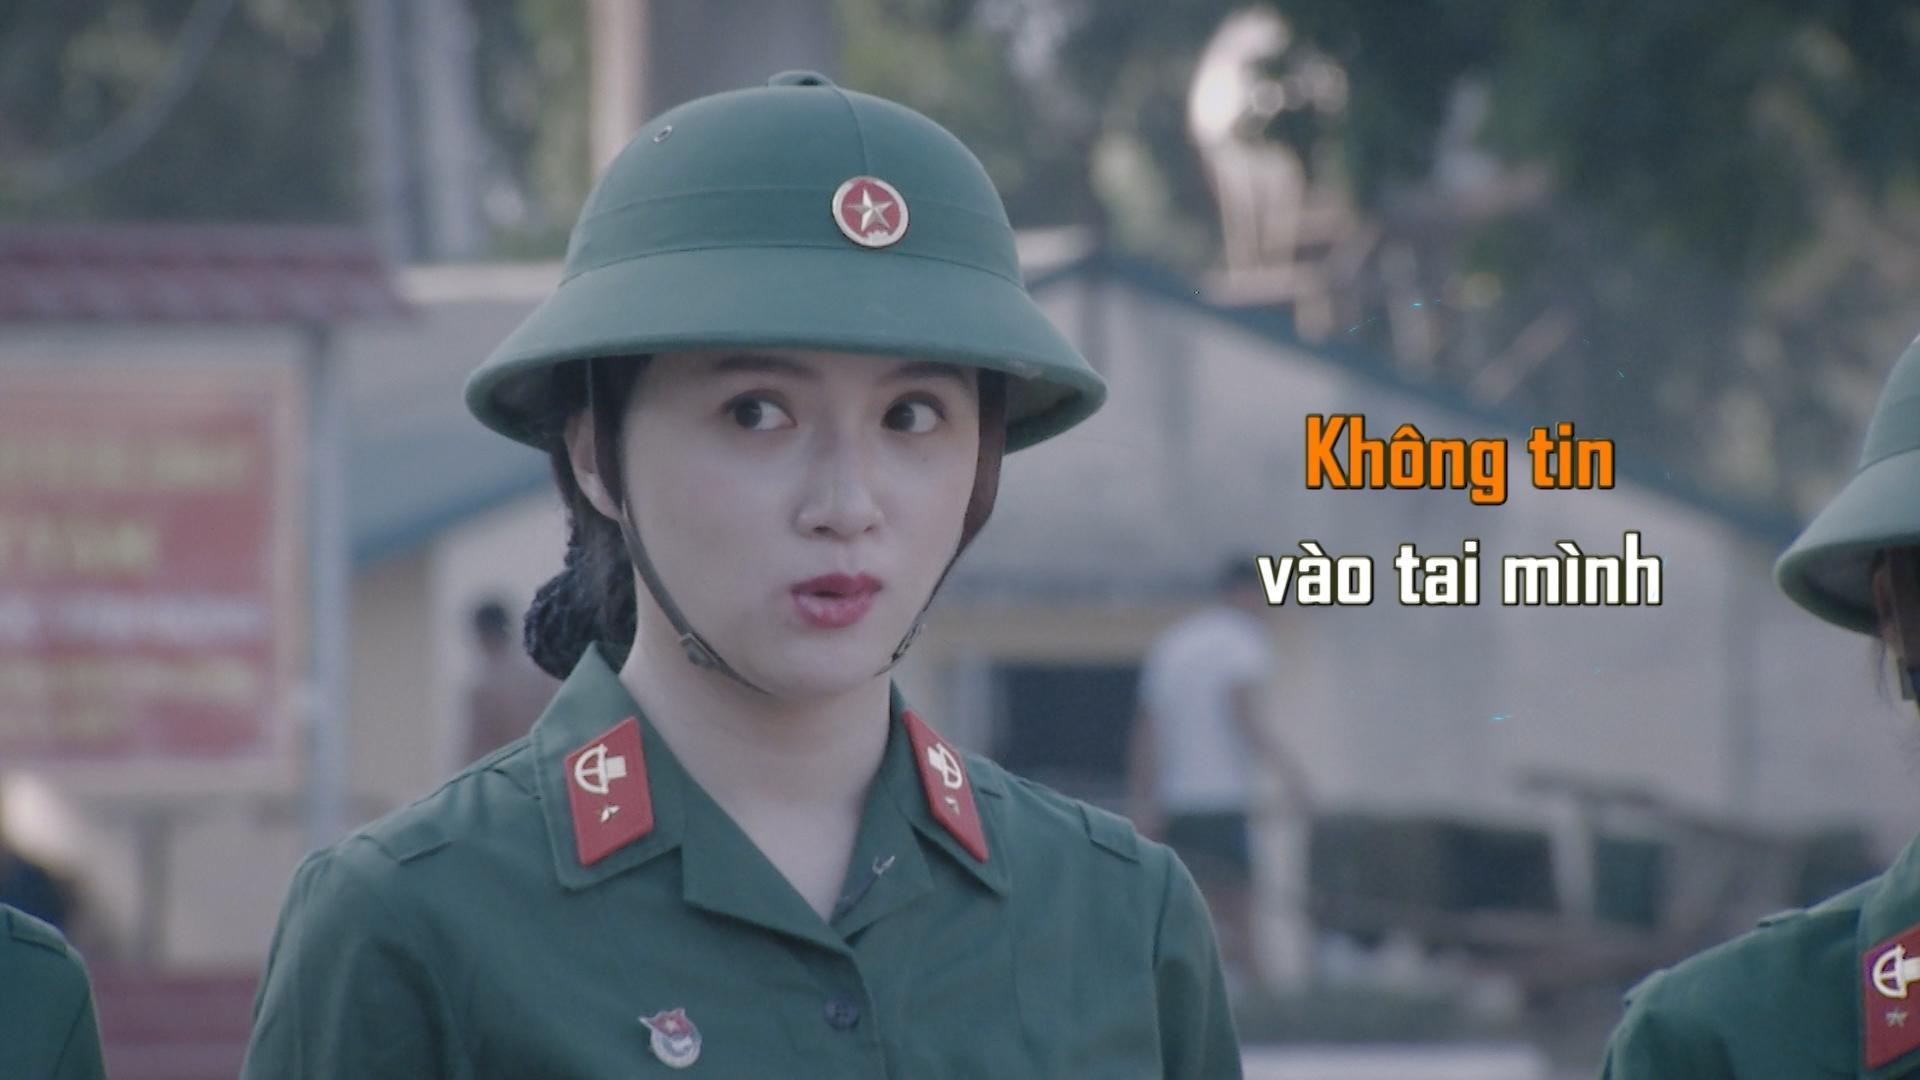 Hương Giang Idol bị chấn chỉnh vì nói năng điệu đà trong quân ngũ-5